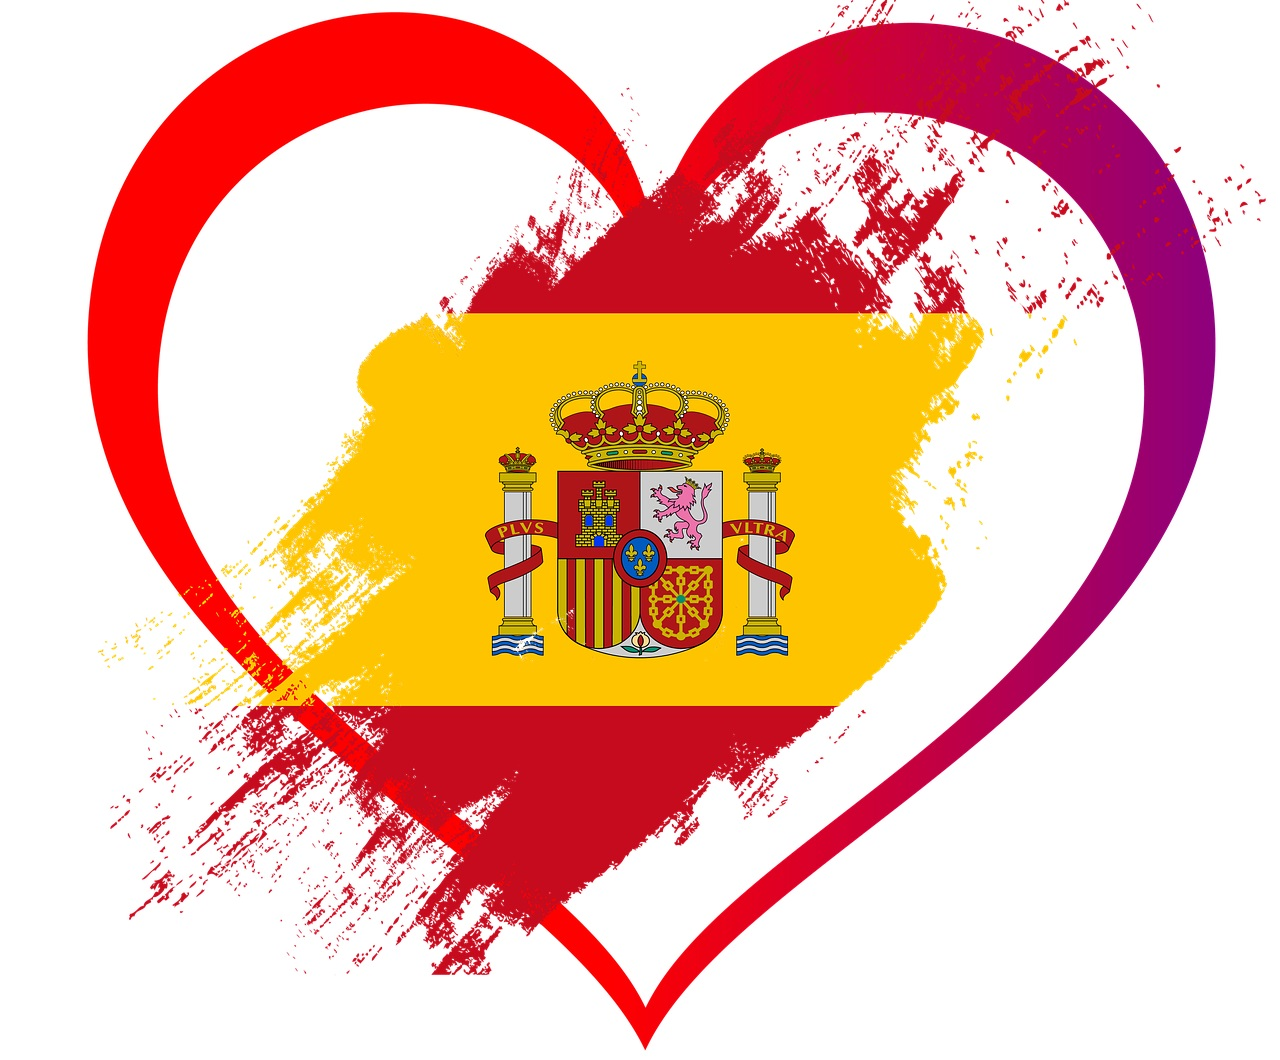 Voyager en Espagne pour parler couramment l'espagnol